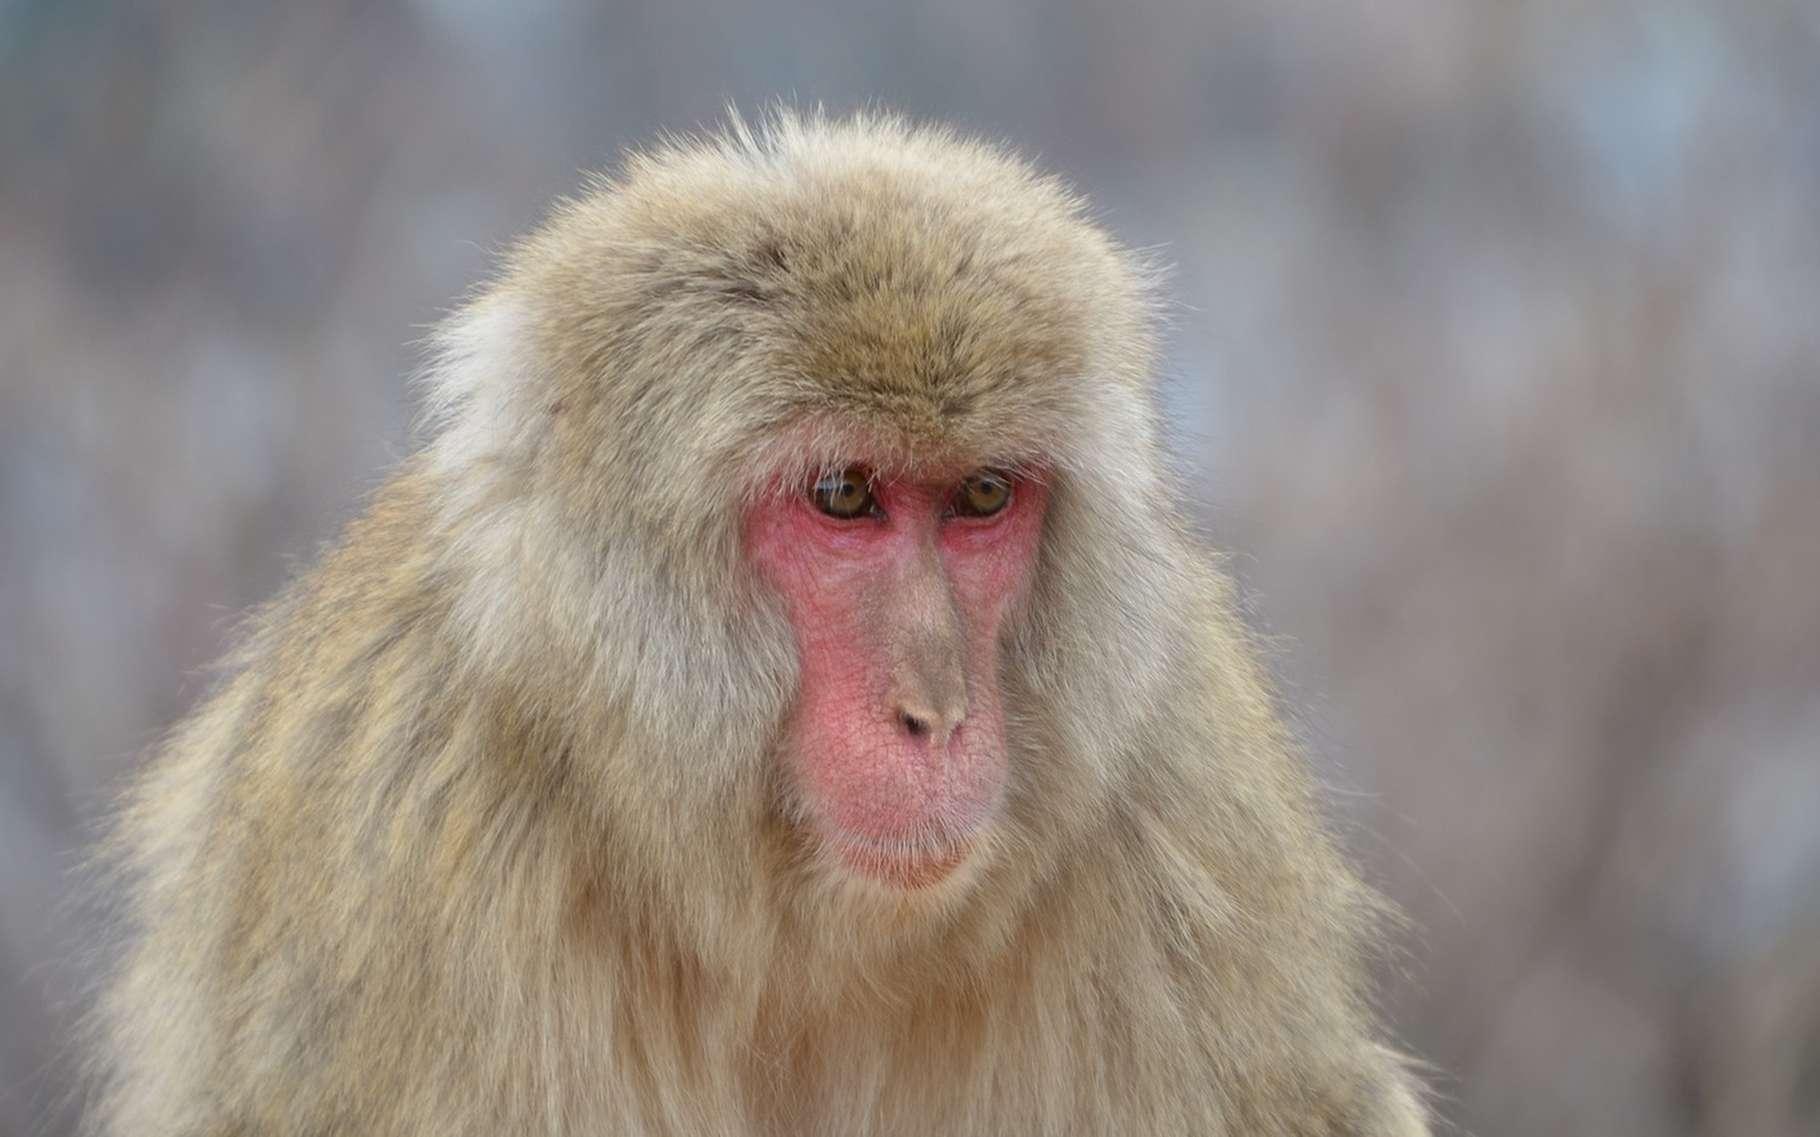 Une équipe de chercheurs canadiens a pu observer des interactions sexuelles entre macaques japonais et cerfs. © pen_ash, Pixabay, CC0